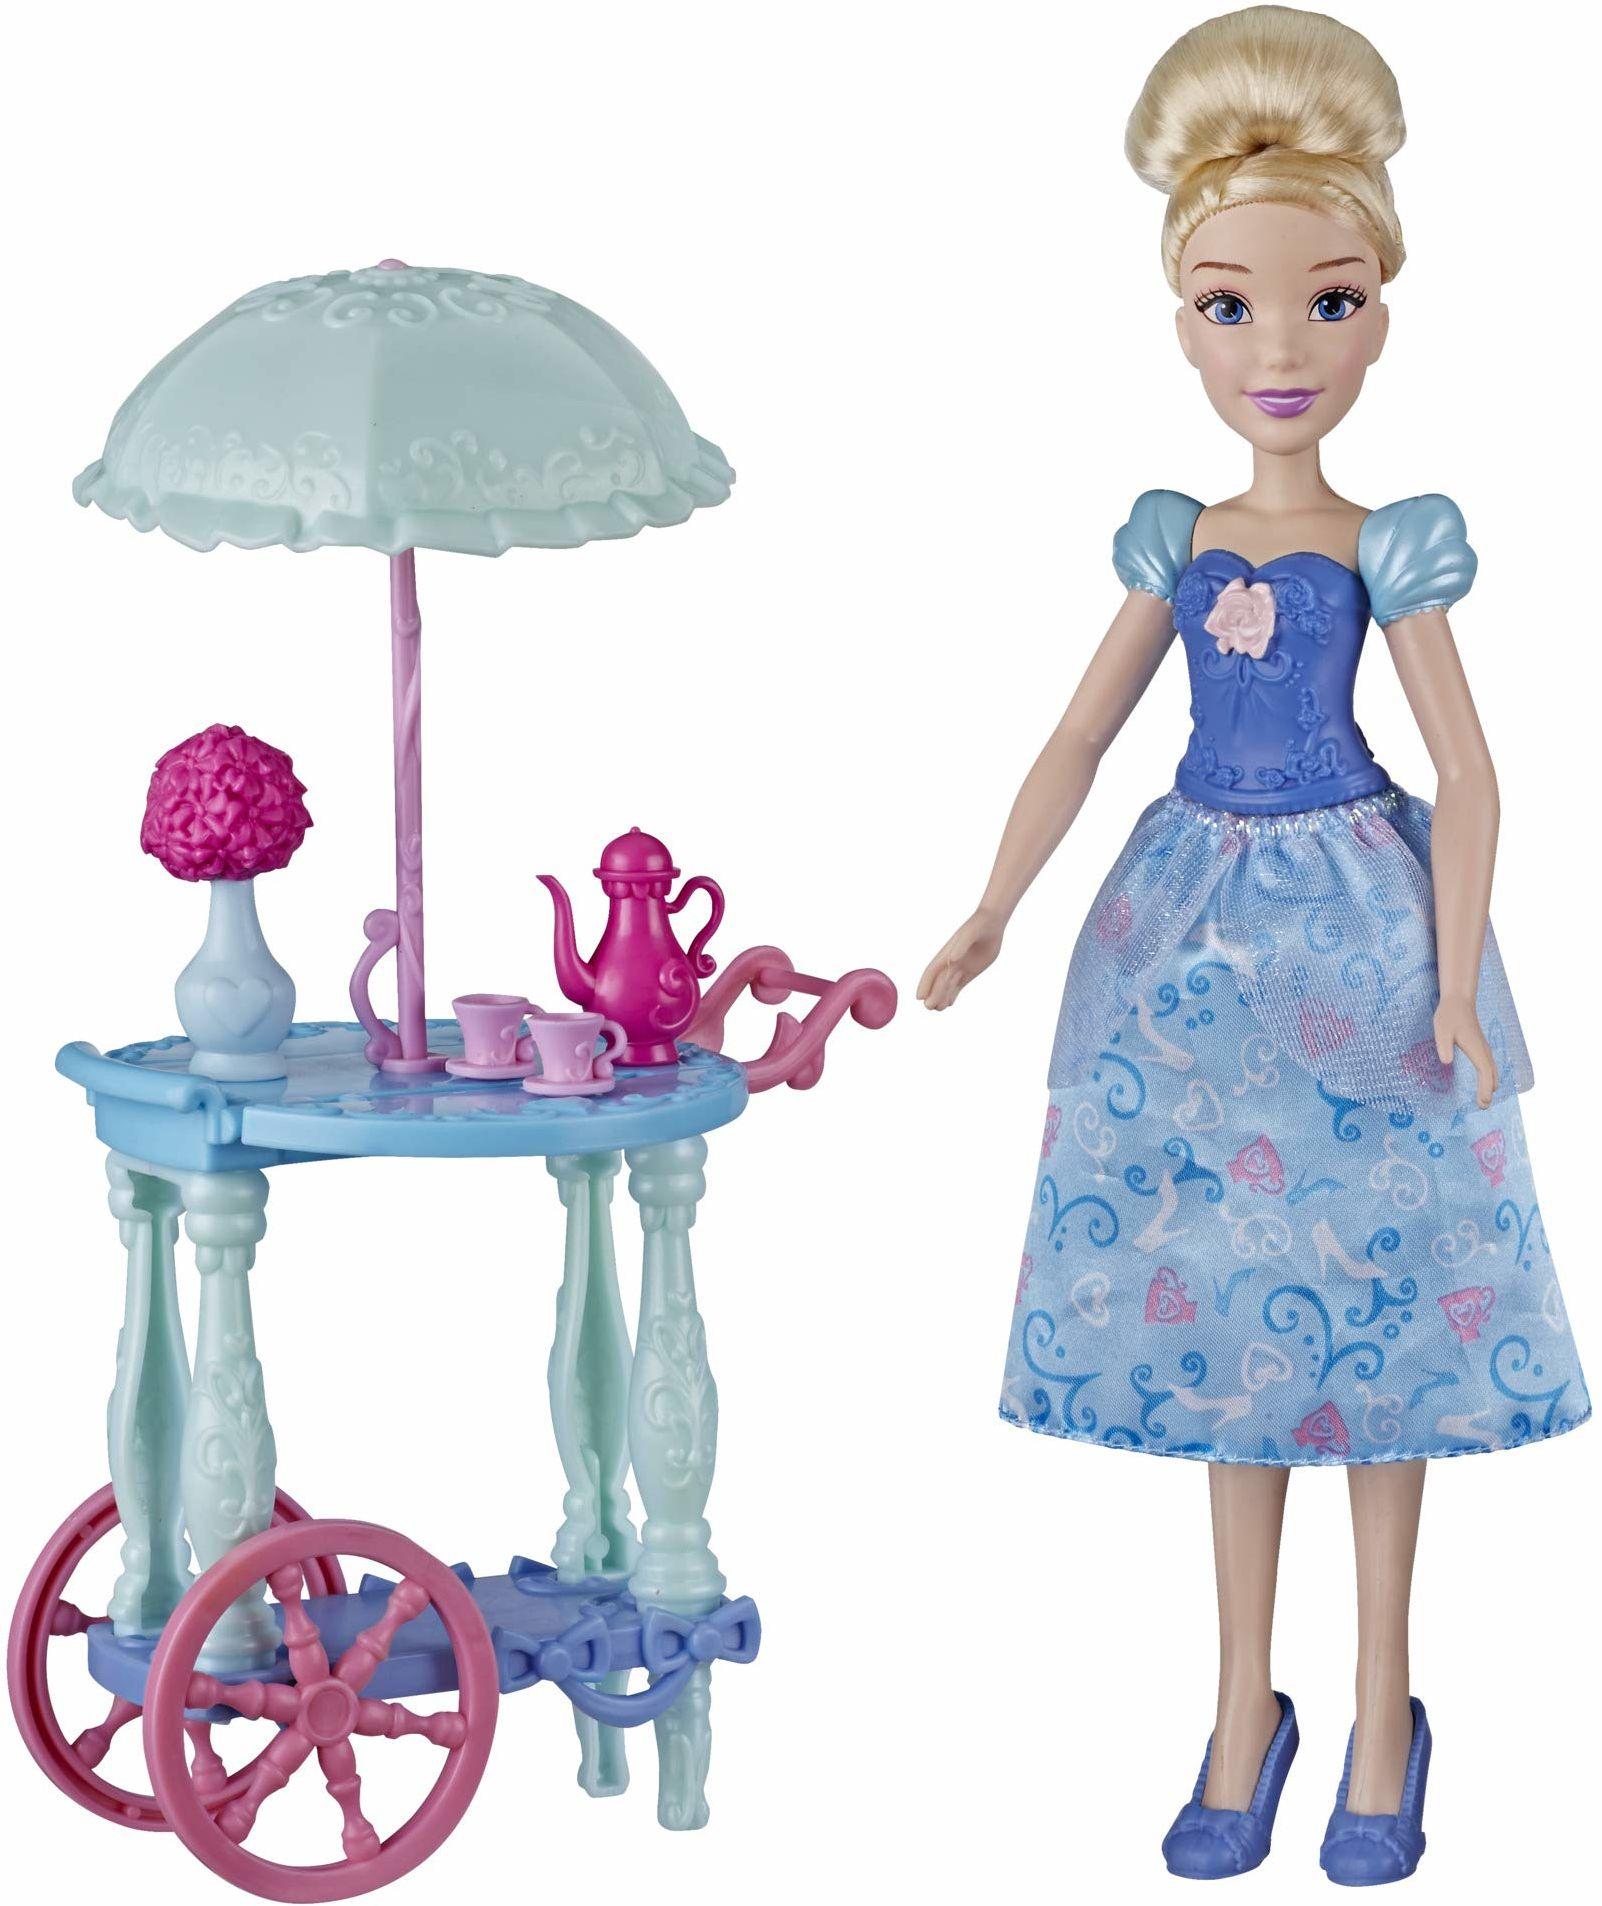 Disney Princess Cinderella''s Teatro Wózek do zabawy z lalką Kopciuszka, wózek, filiżanki do herbaty, dzbanek do herbaty, zabawka dla dziewcząt 3 i więcej